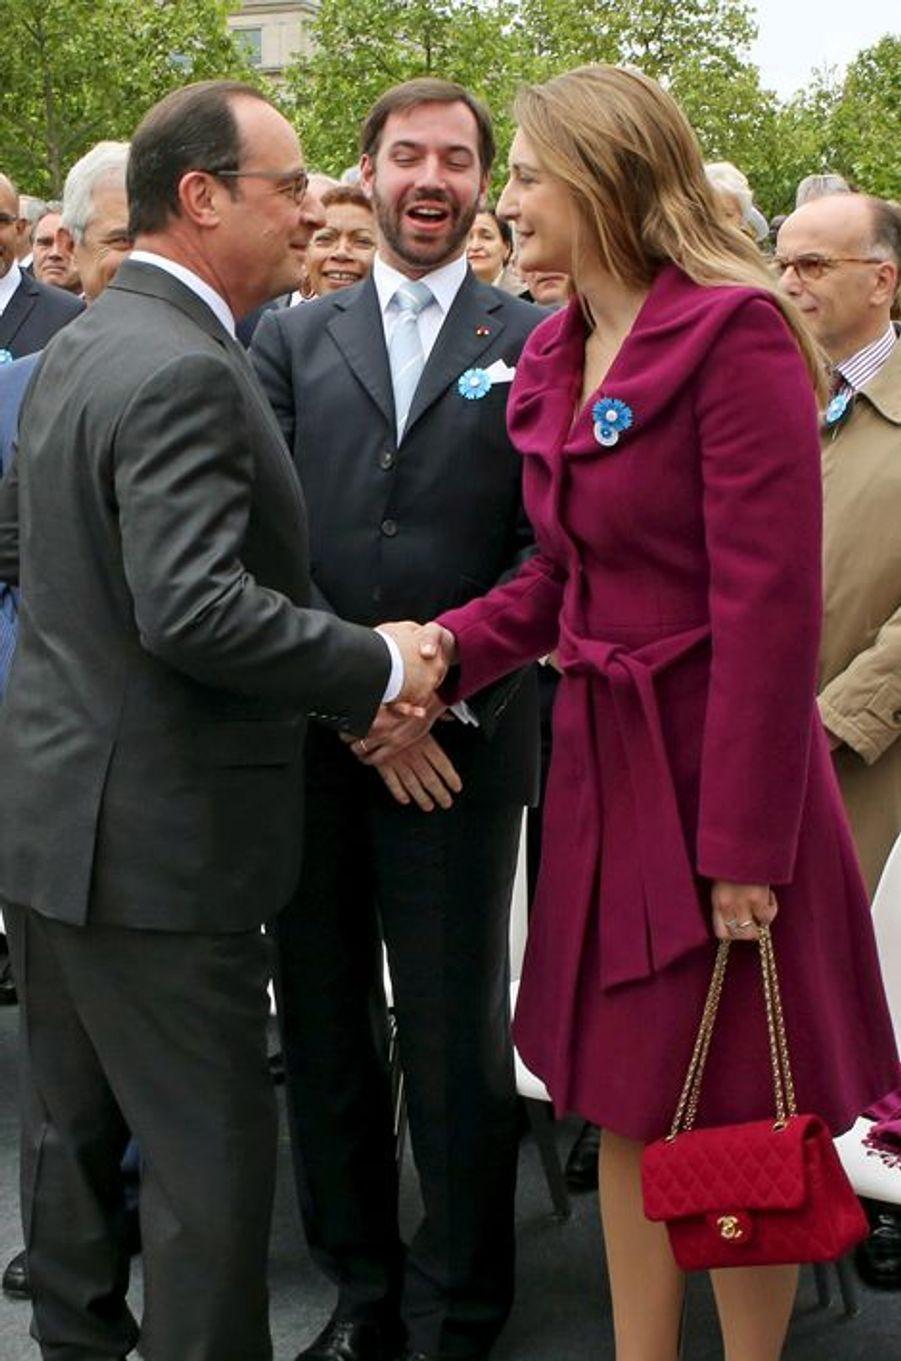 La princesse Stéphanie et le prince Guillaume de Luxembourg avec François Hollande à Paris, le 8 mai 2015